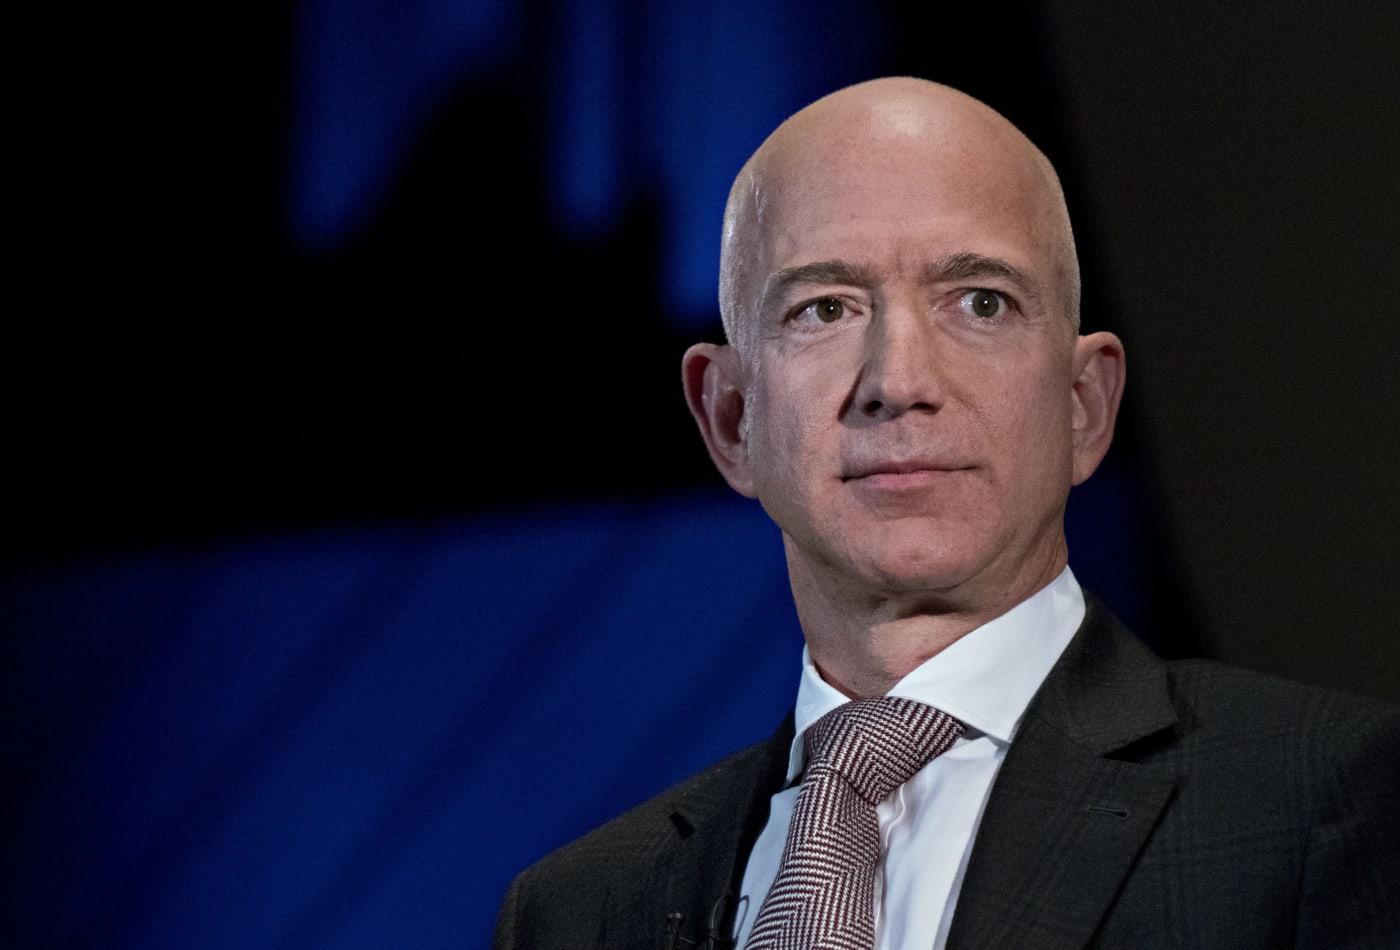 Đại dịch Covid - 19 cho thấy Jeff Bezos, Bill Gates và Mark Zuckerberg chỉ là những gã giàu có keo kiệt - Ảnh 1.